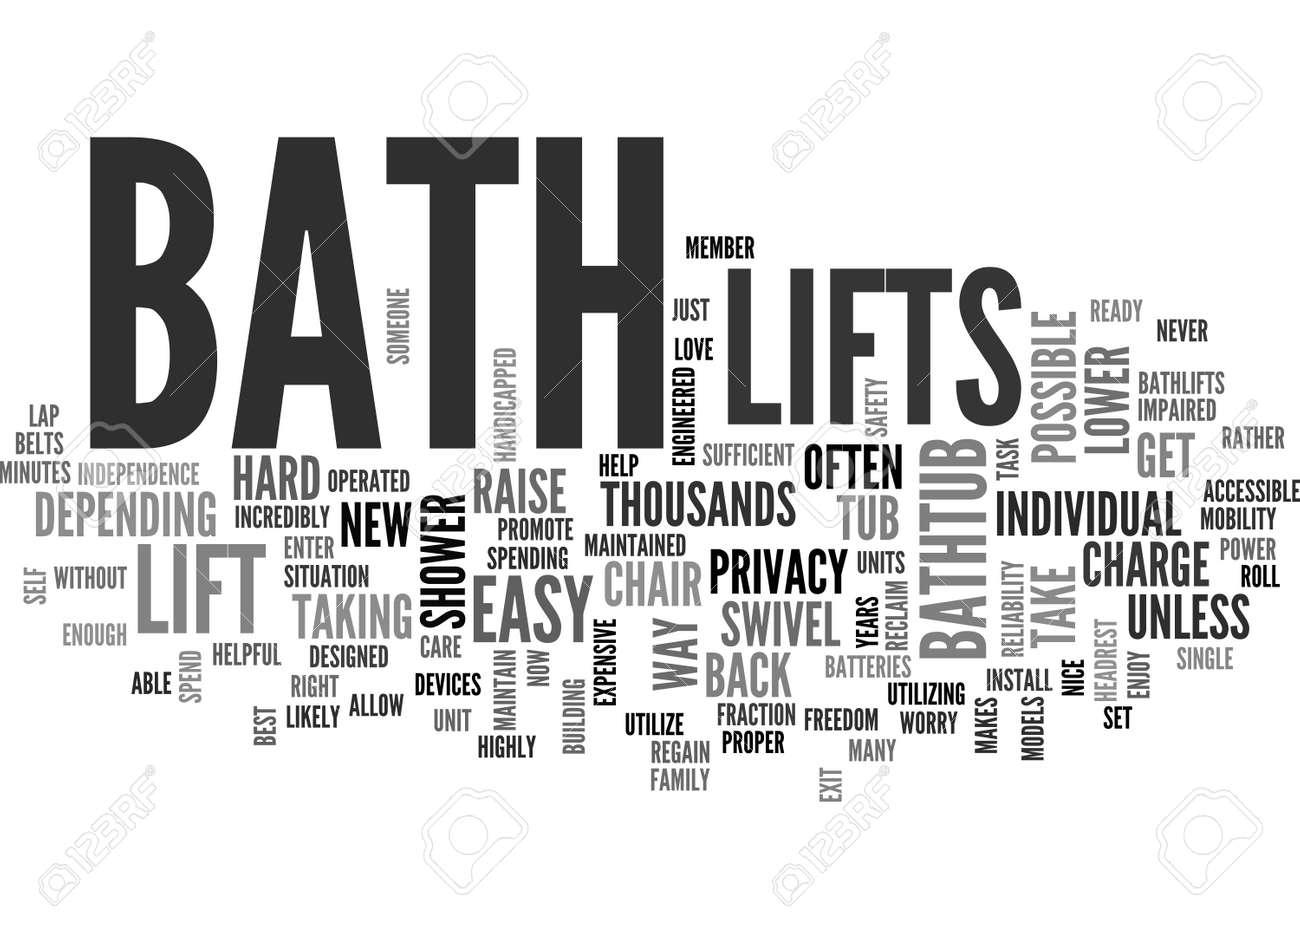 Great Bath Lift Reviews Photos - The Best Bathroom Ideas - lapoup.com